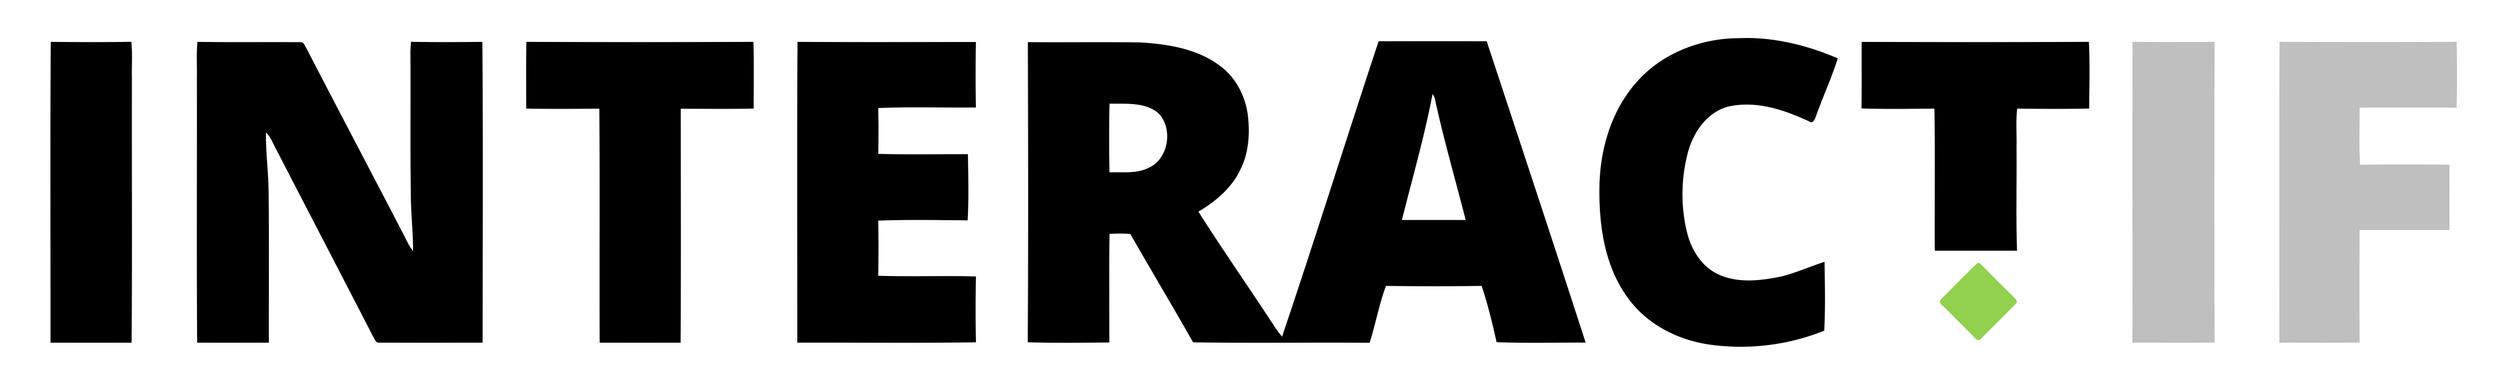 interactIF-logo-white.png